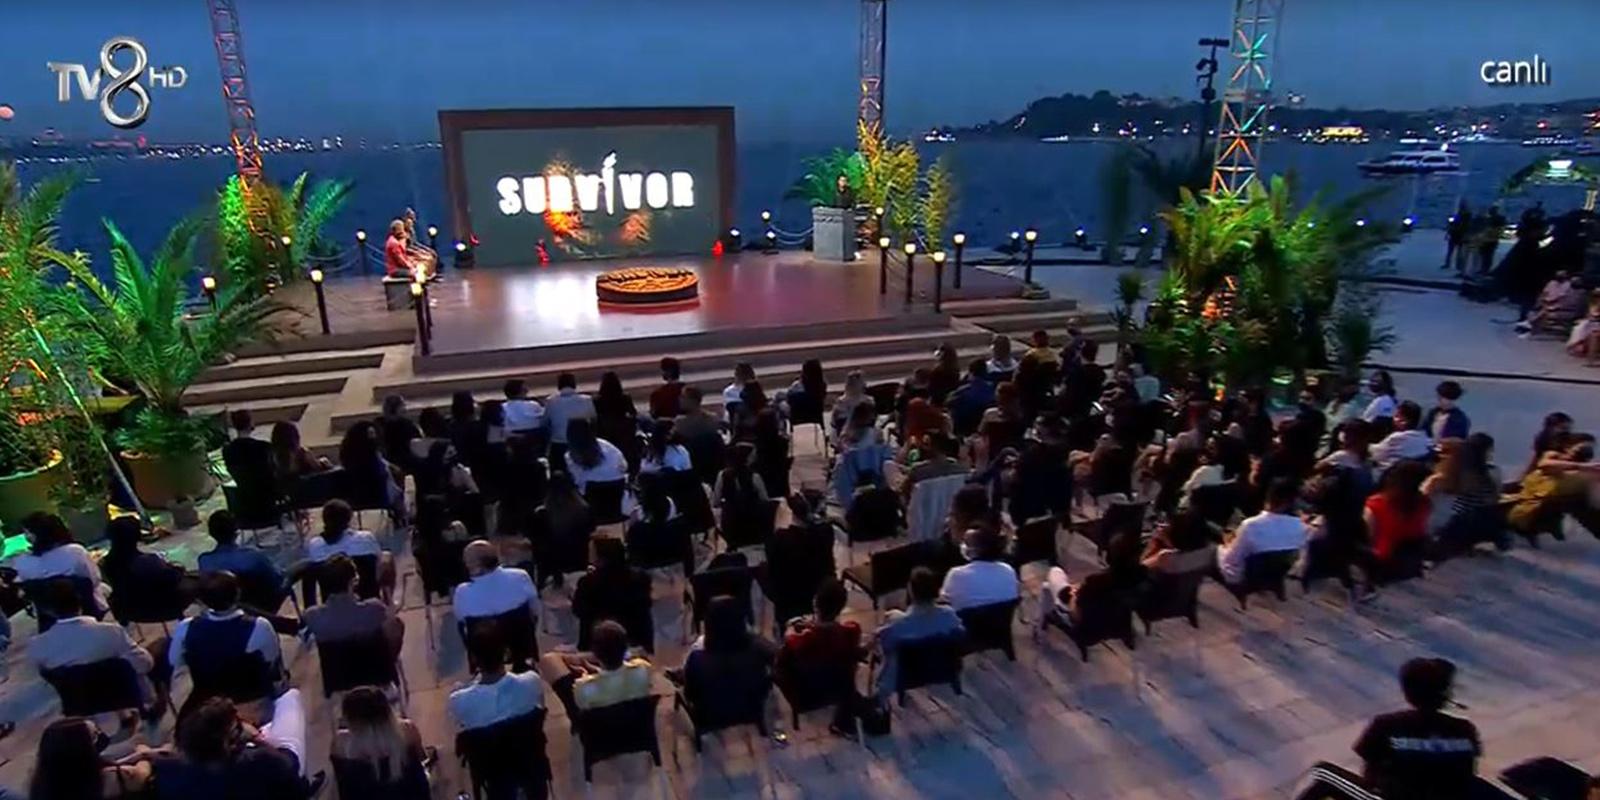 Survivor canlı yayın izle | TV 8 canlı izle Survivor